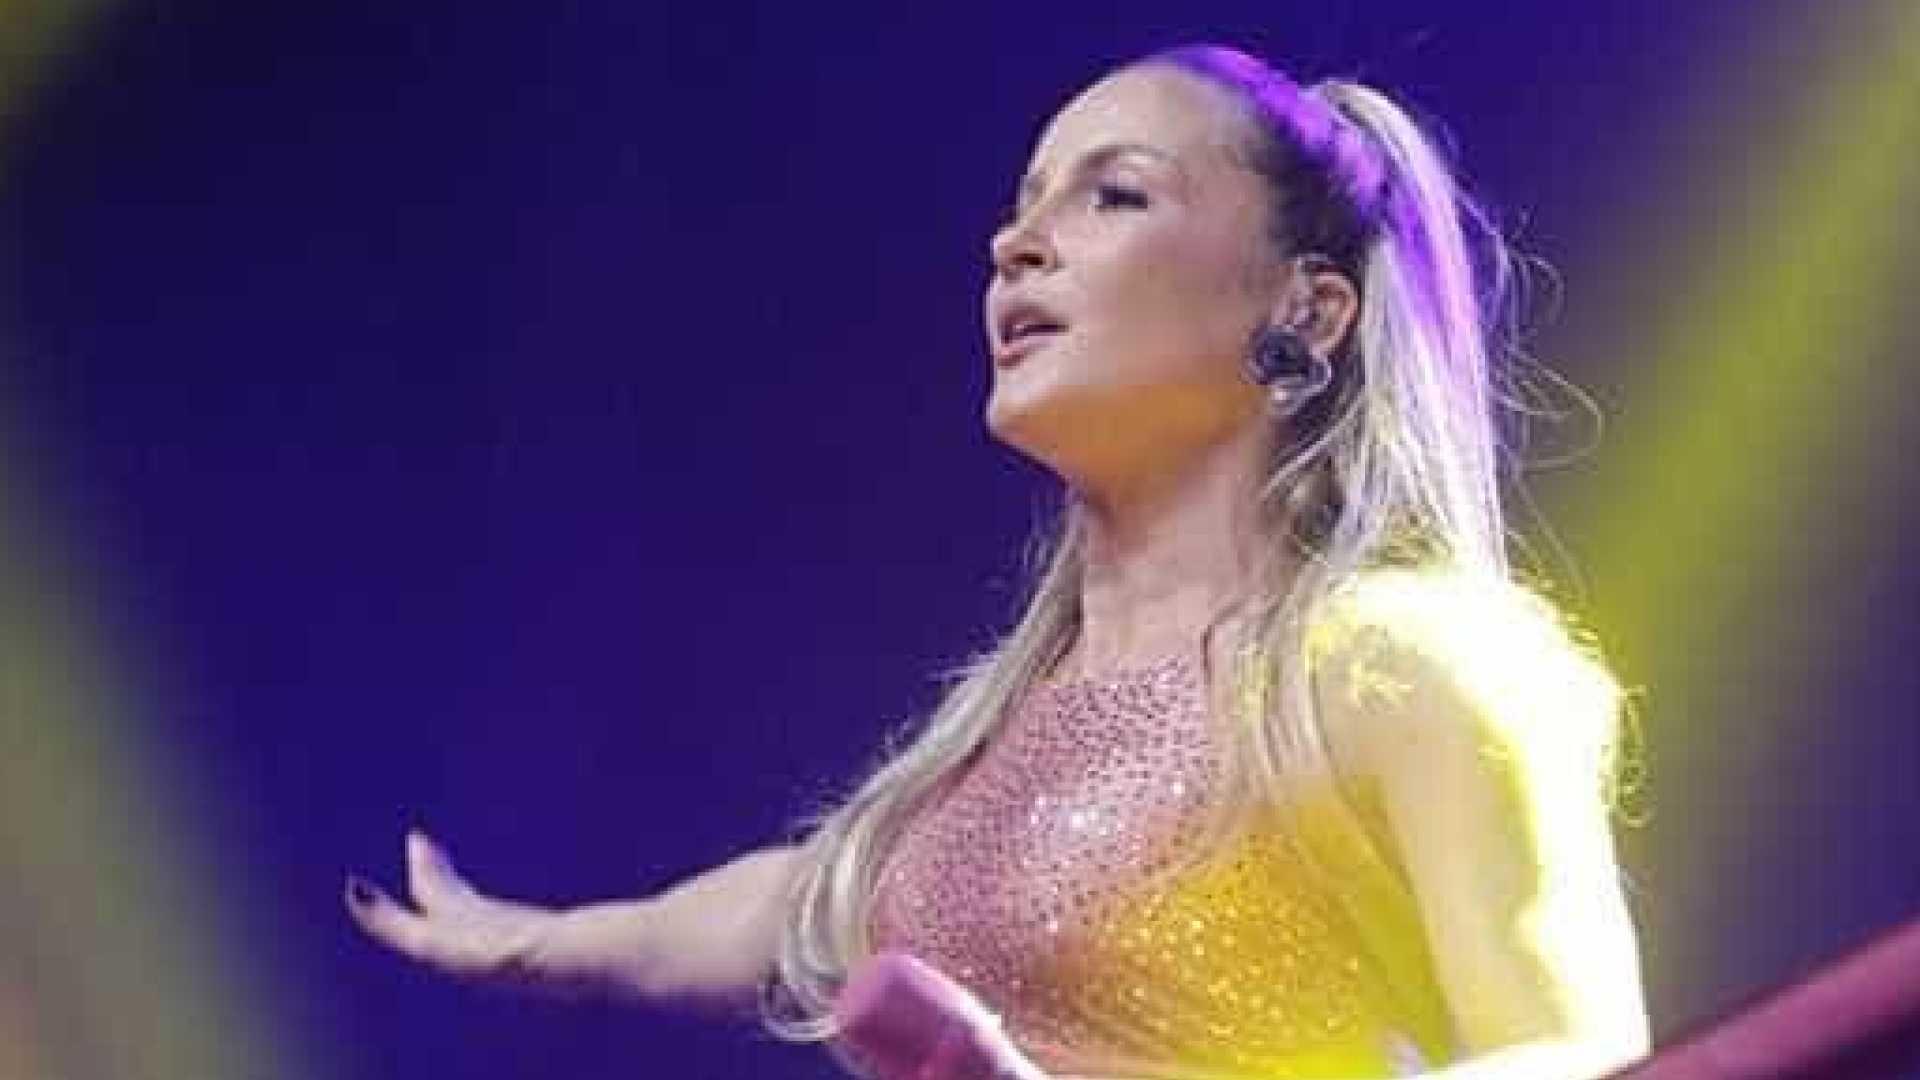 Em Show fã tenta tirar aliança de Cláudia Leitte – Veja vídeo